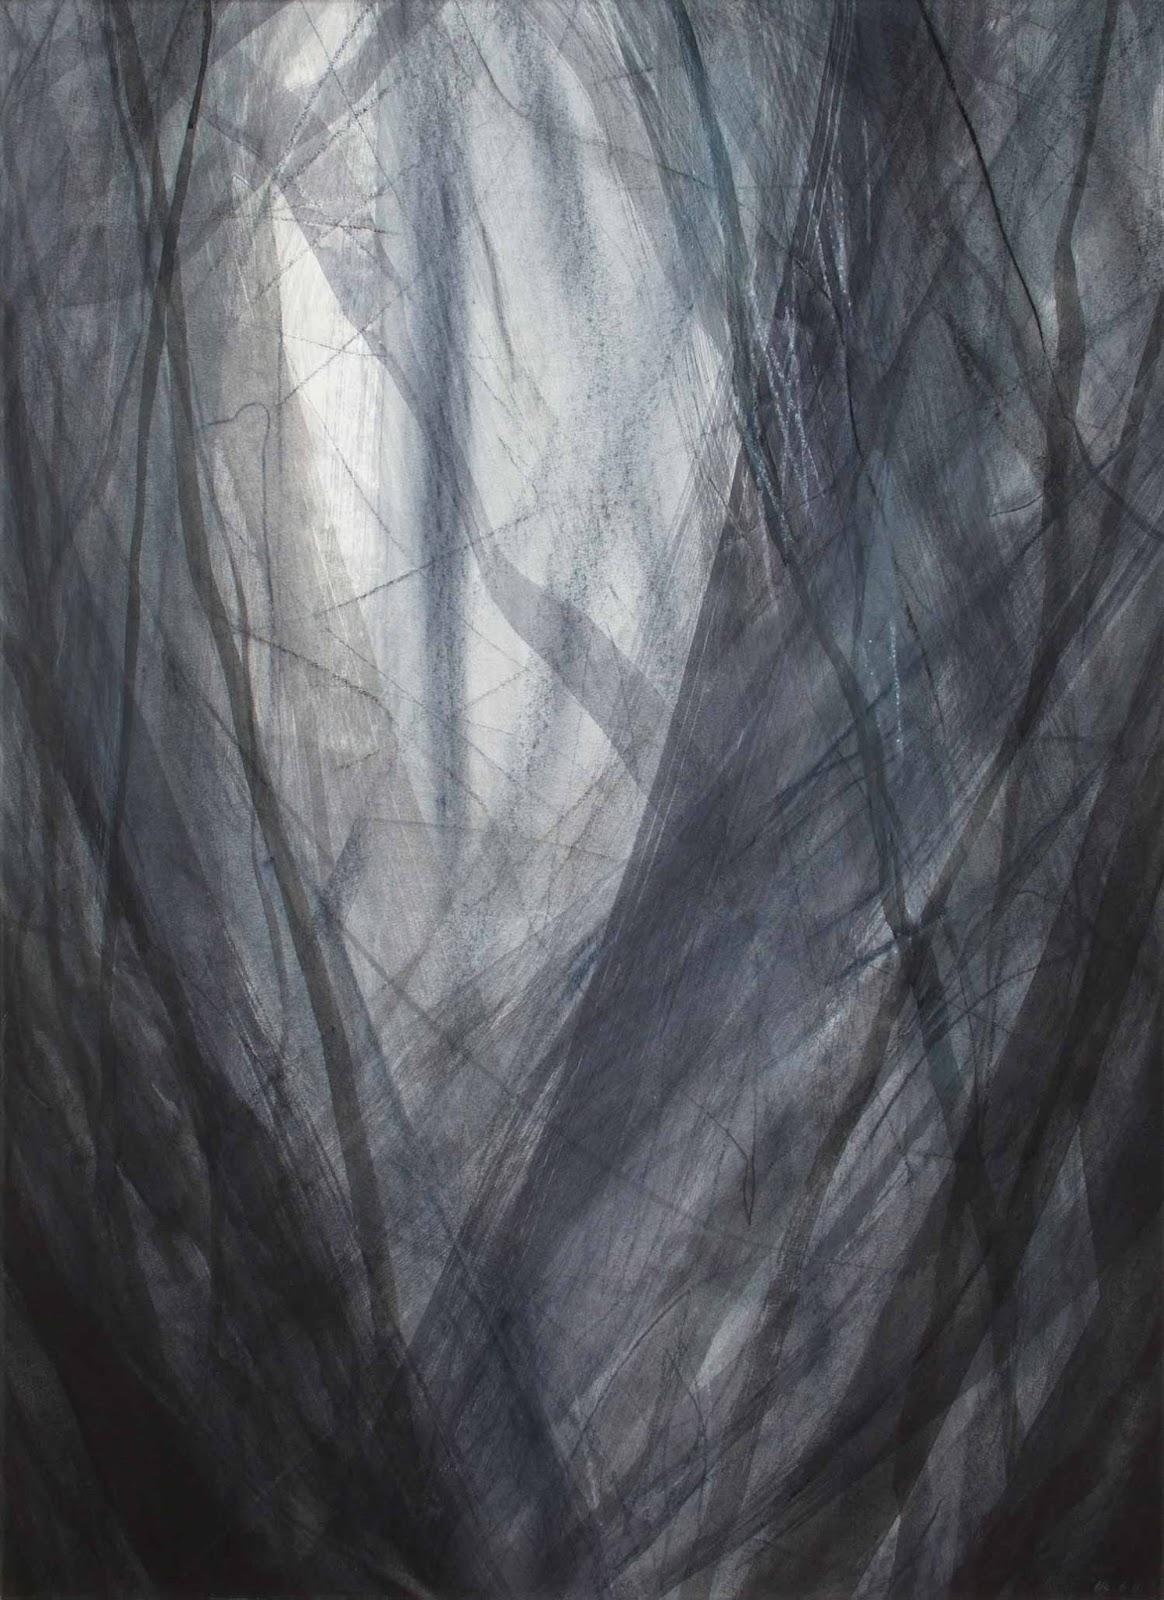 80 x 120 cm, techniques mixtes sur papier marouflé sur toile